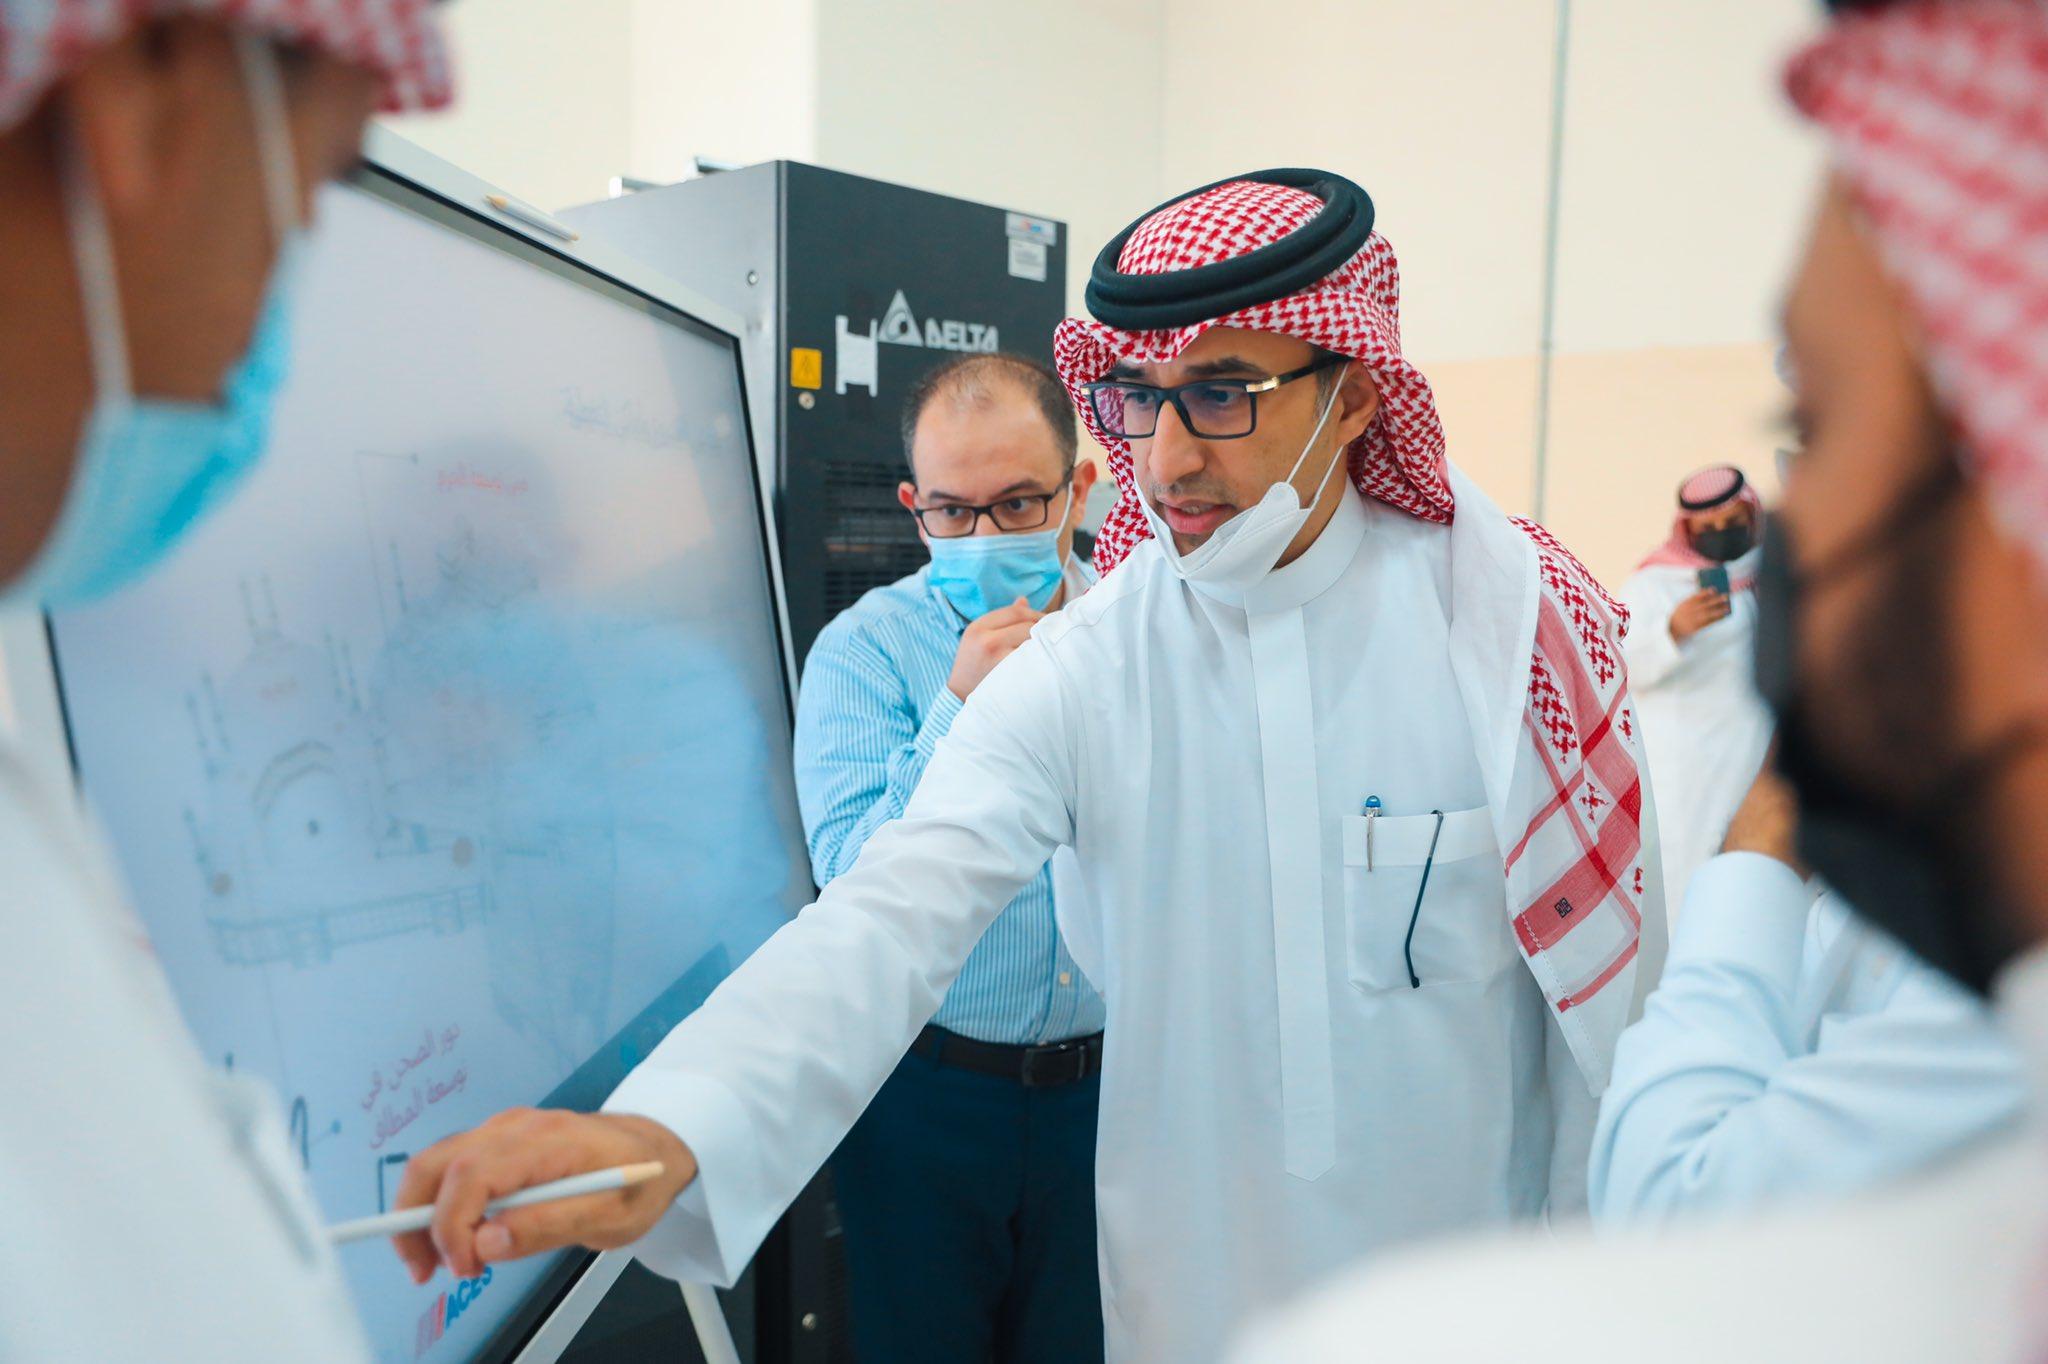 وكيل وزارة الاتصالات يتفقد سير مشروع التغطية الداخلية لشبكة الجوال في الحرم المكي